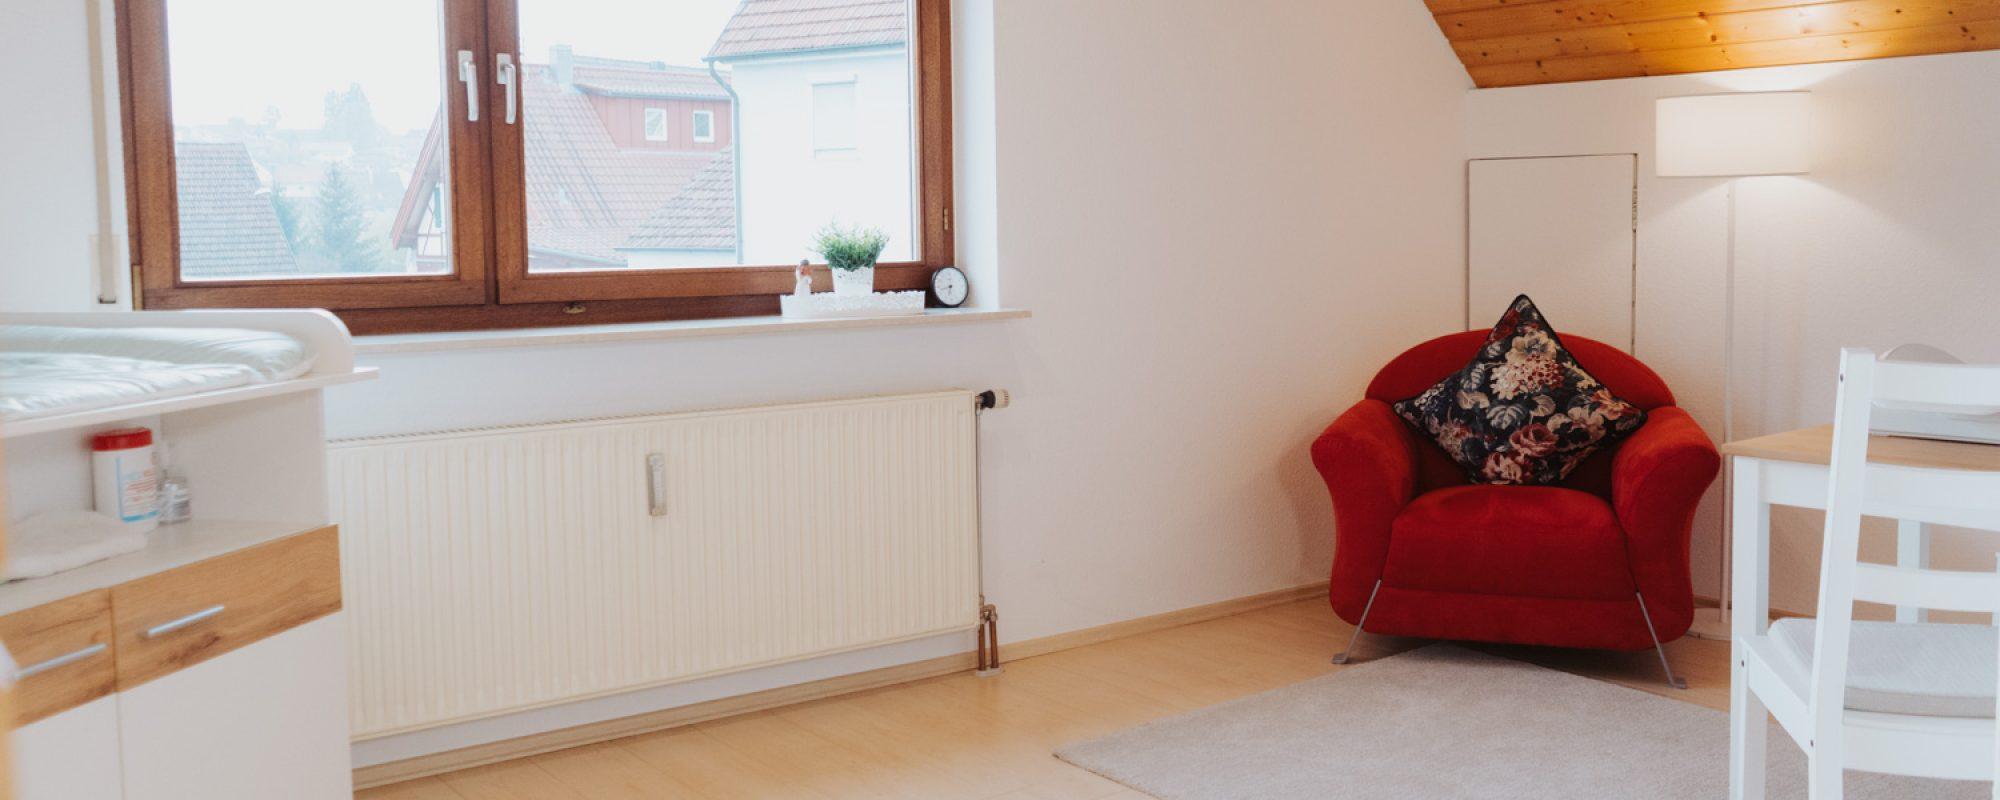 20210430_Hebammenhaus-Botwartal_web_142